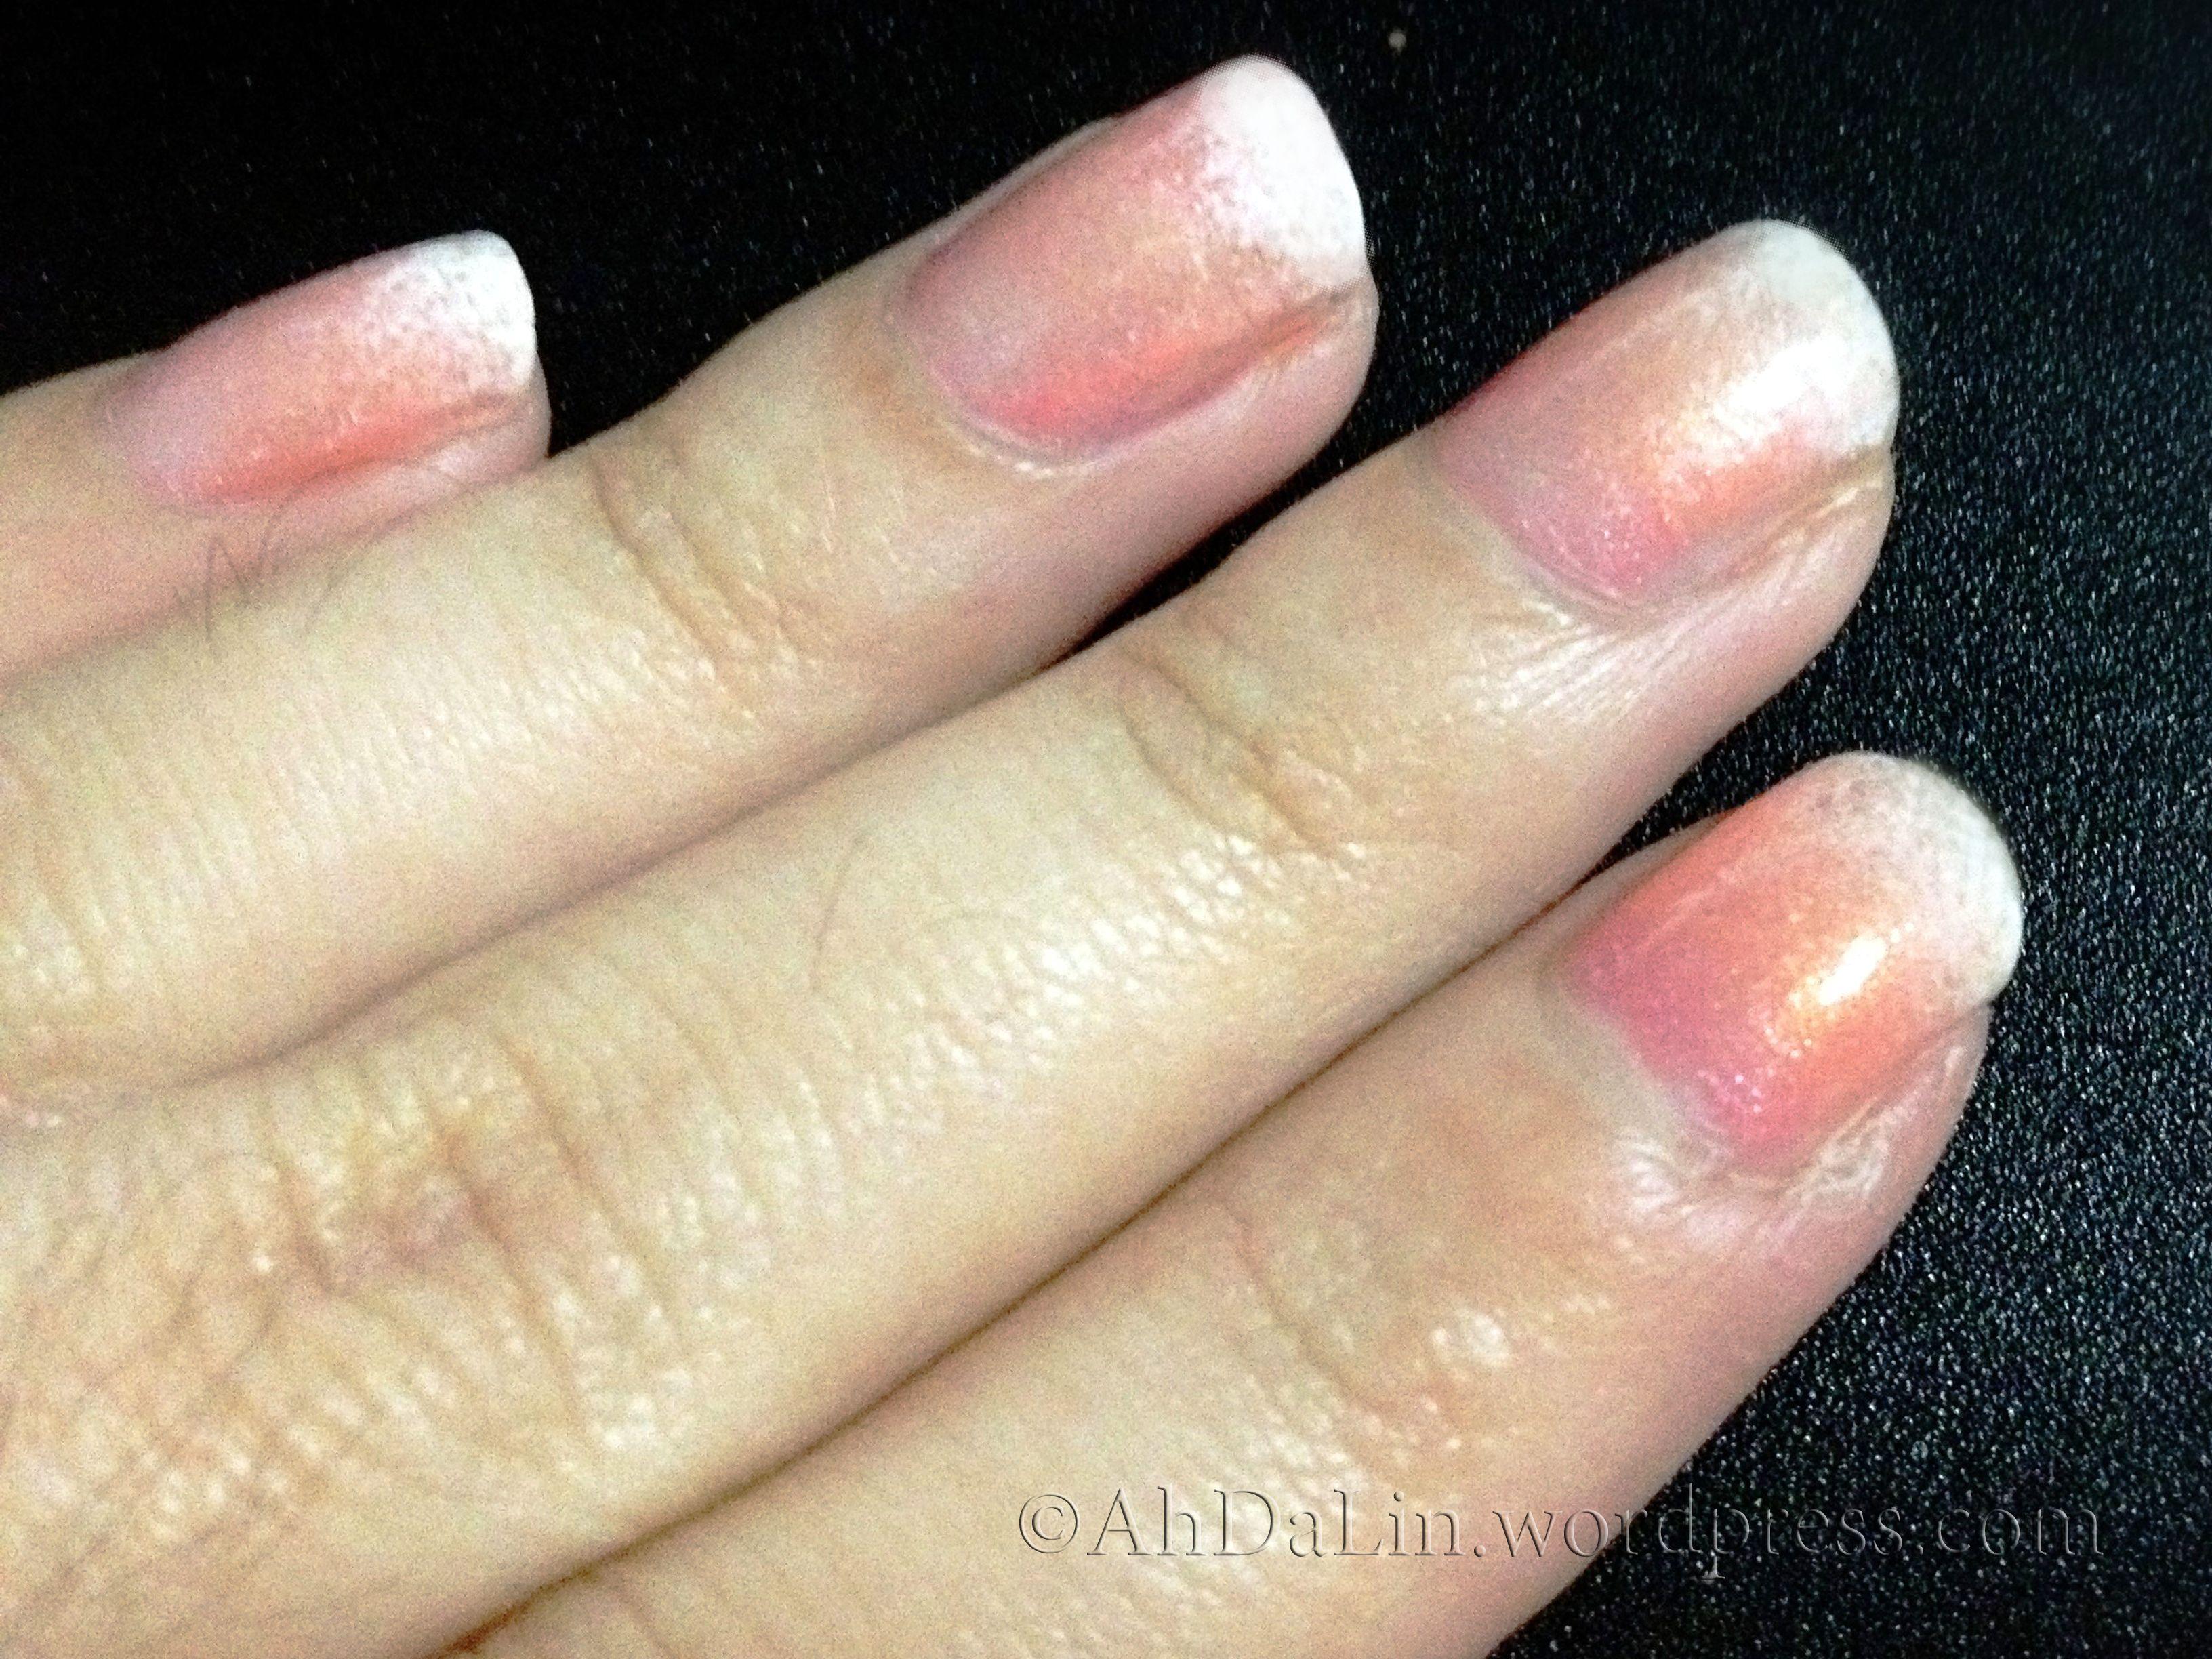 gradient nail art using sponge technique   Nails   Pinterest ...